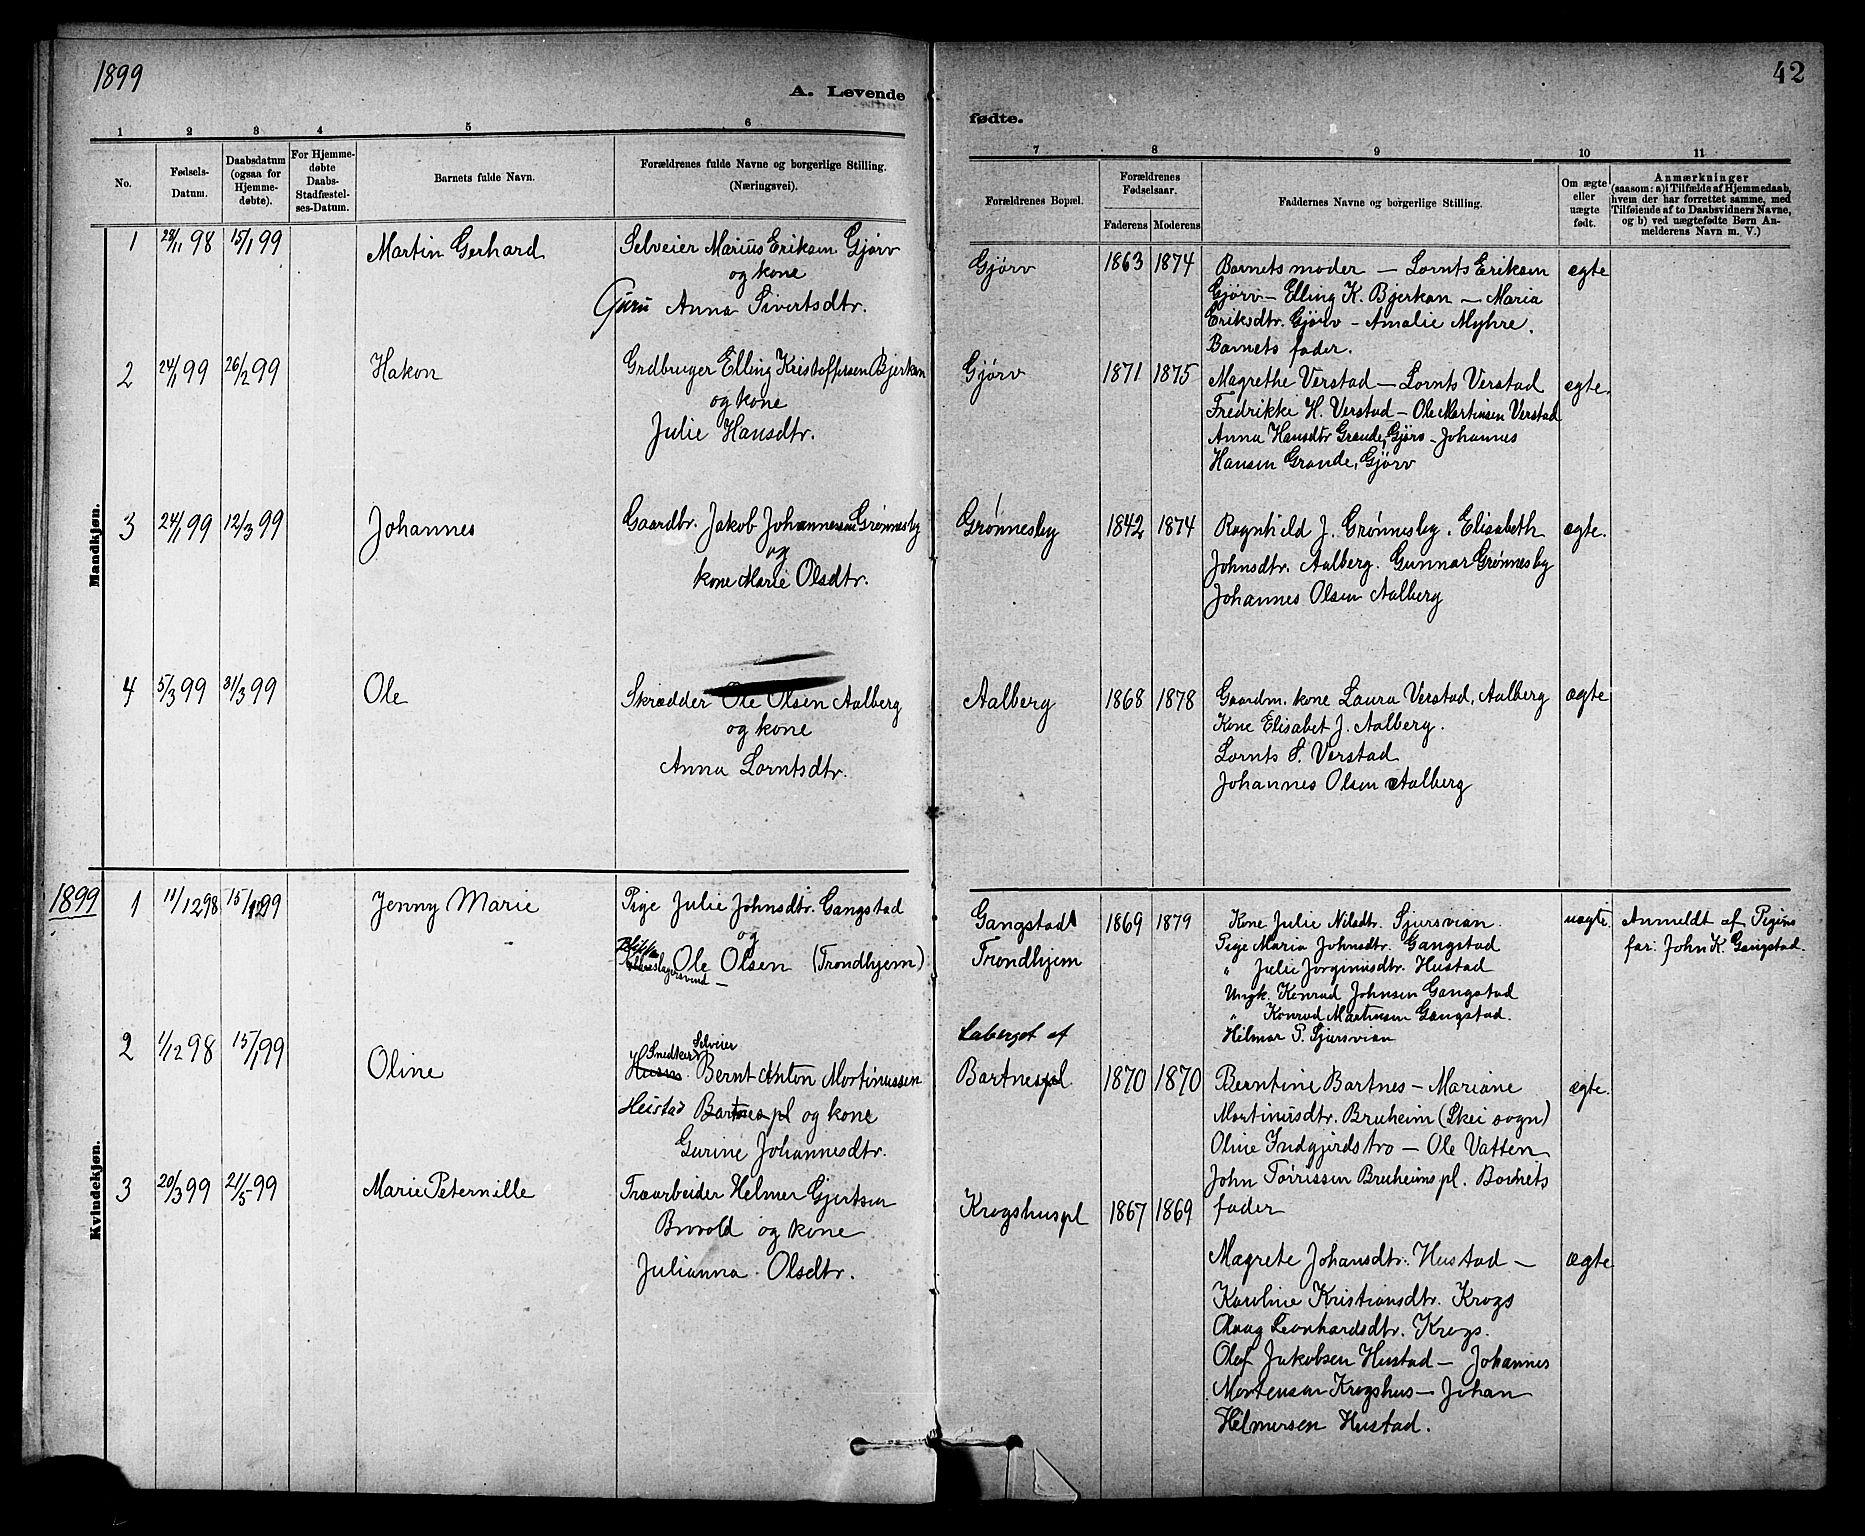 SAT, Ministerialprotokoller, klokkerbøker og fødselsregistre - Nord-Trøndelag, 732/L0318: Klokkerbok nr. 732C02, 1881-1911, s. 42